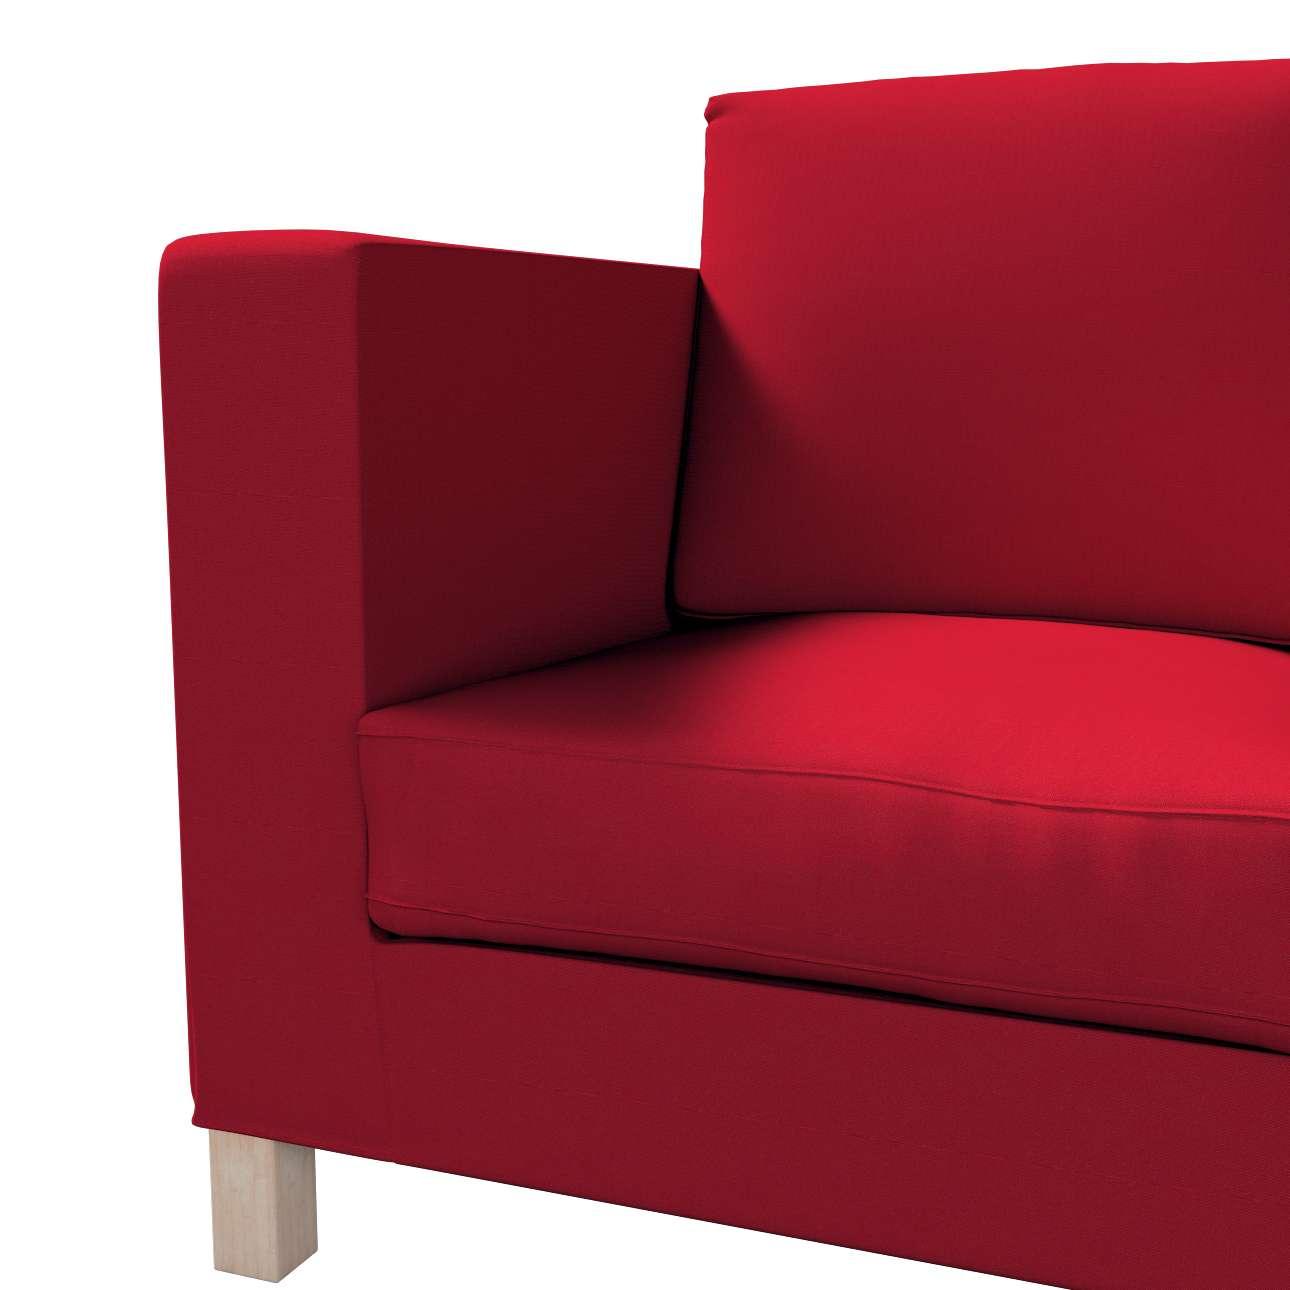 Pokrowiec na sofę Karlanda 3-osobową nierozkładaną, krótki w kolekcji Etna, tkanina: 705-60